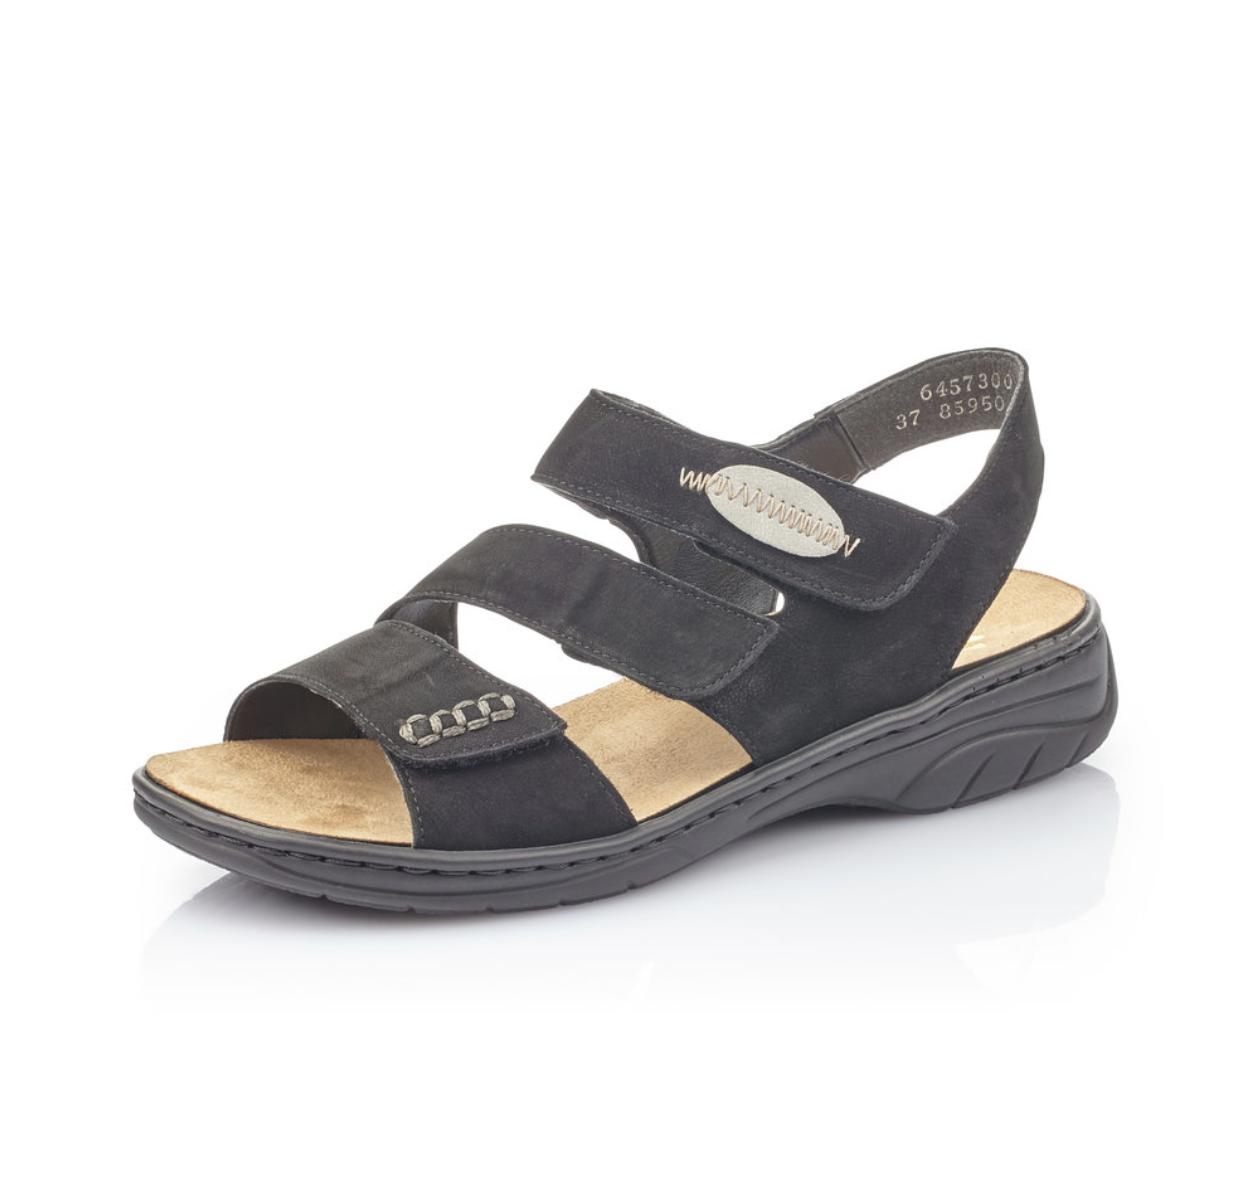 rieker sandaler online